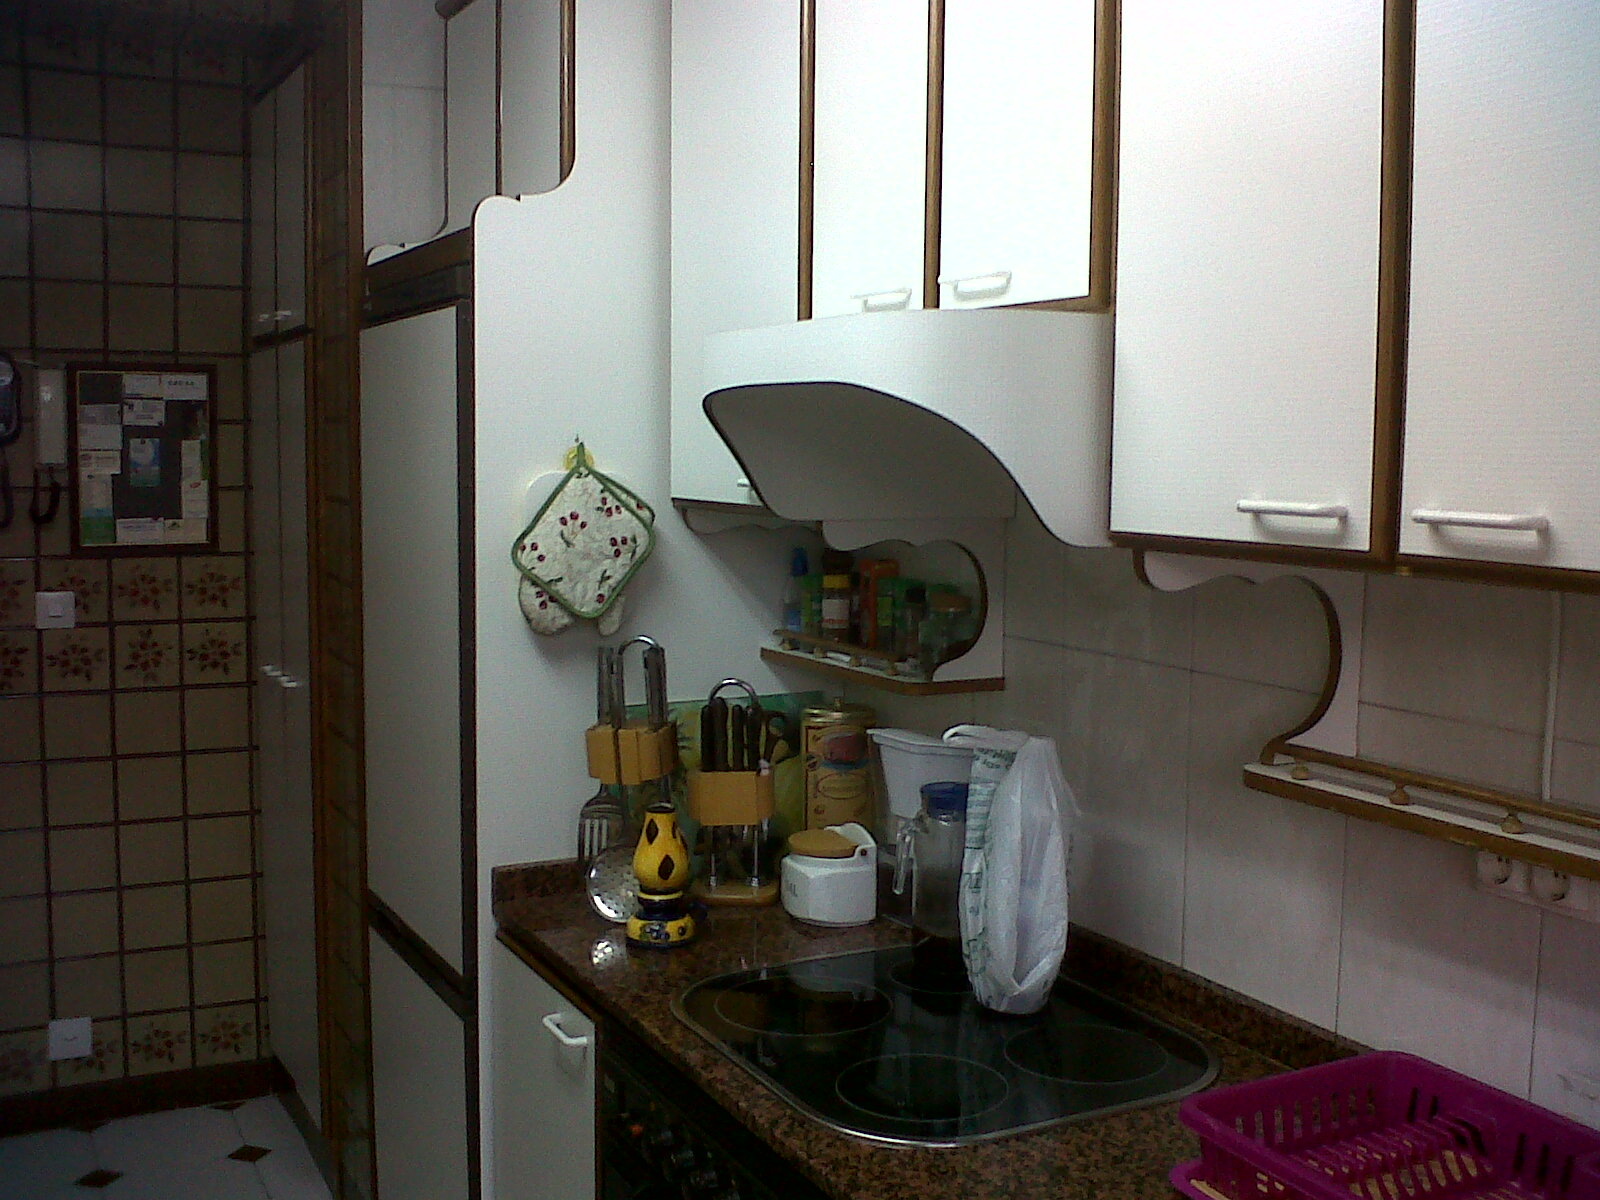 Quiero cambiar mi cocina santos estudio gij n for Quiero disenar mi cocina